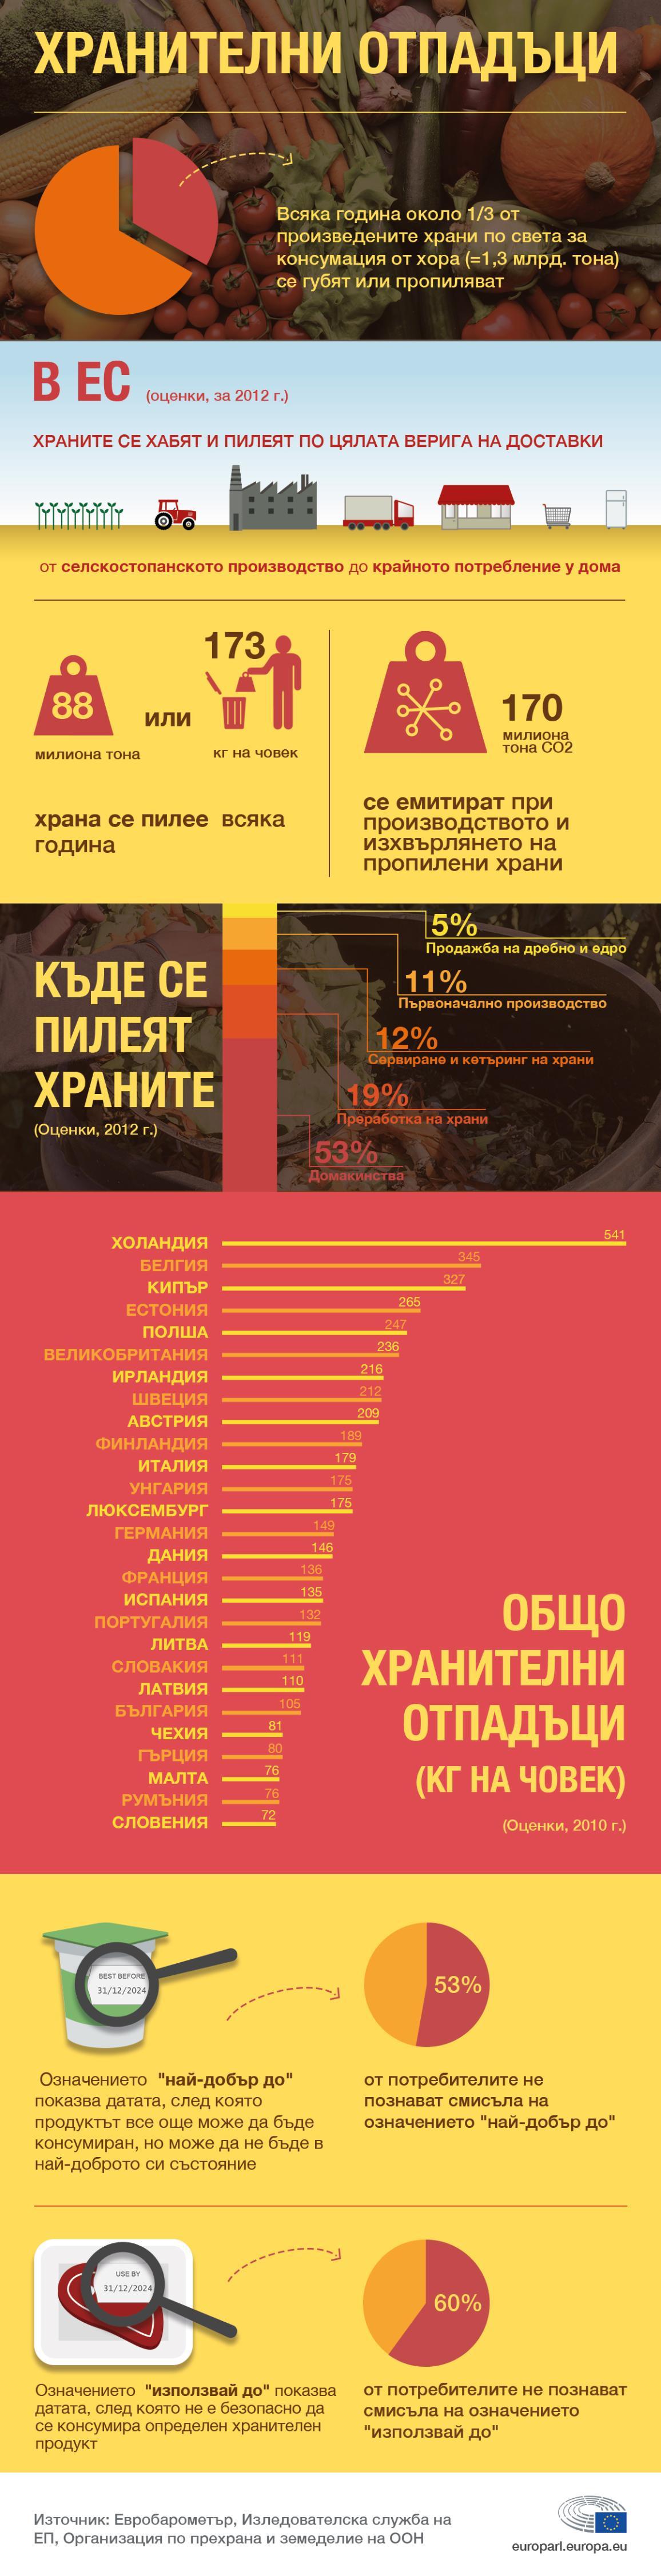 Инфографика: Количеството храна, което се разхищава (пилее) в ЕС